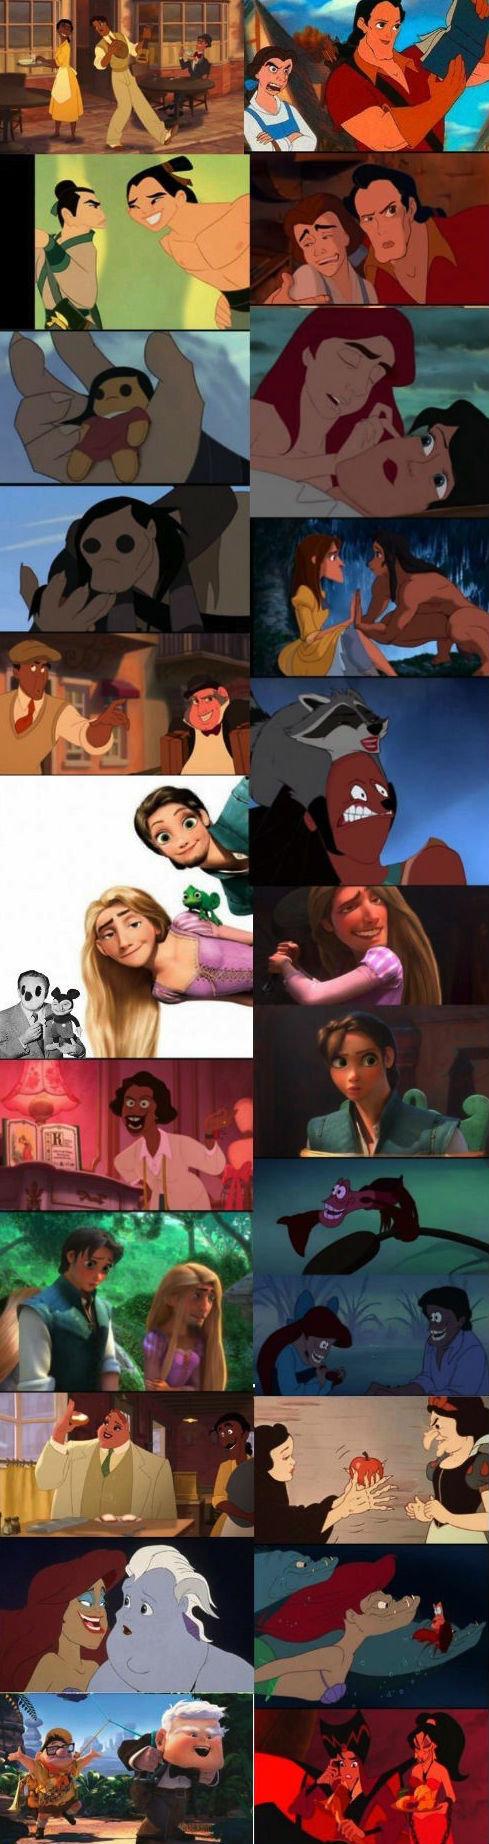 Disney face swap comp. .. wait who's face when? Disney face swap comp wait who's when?